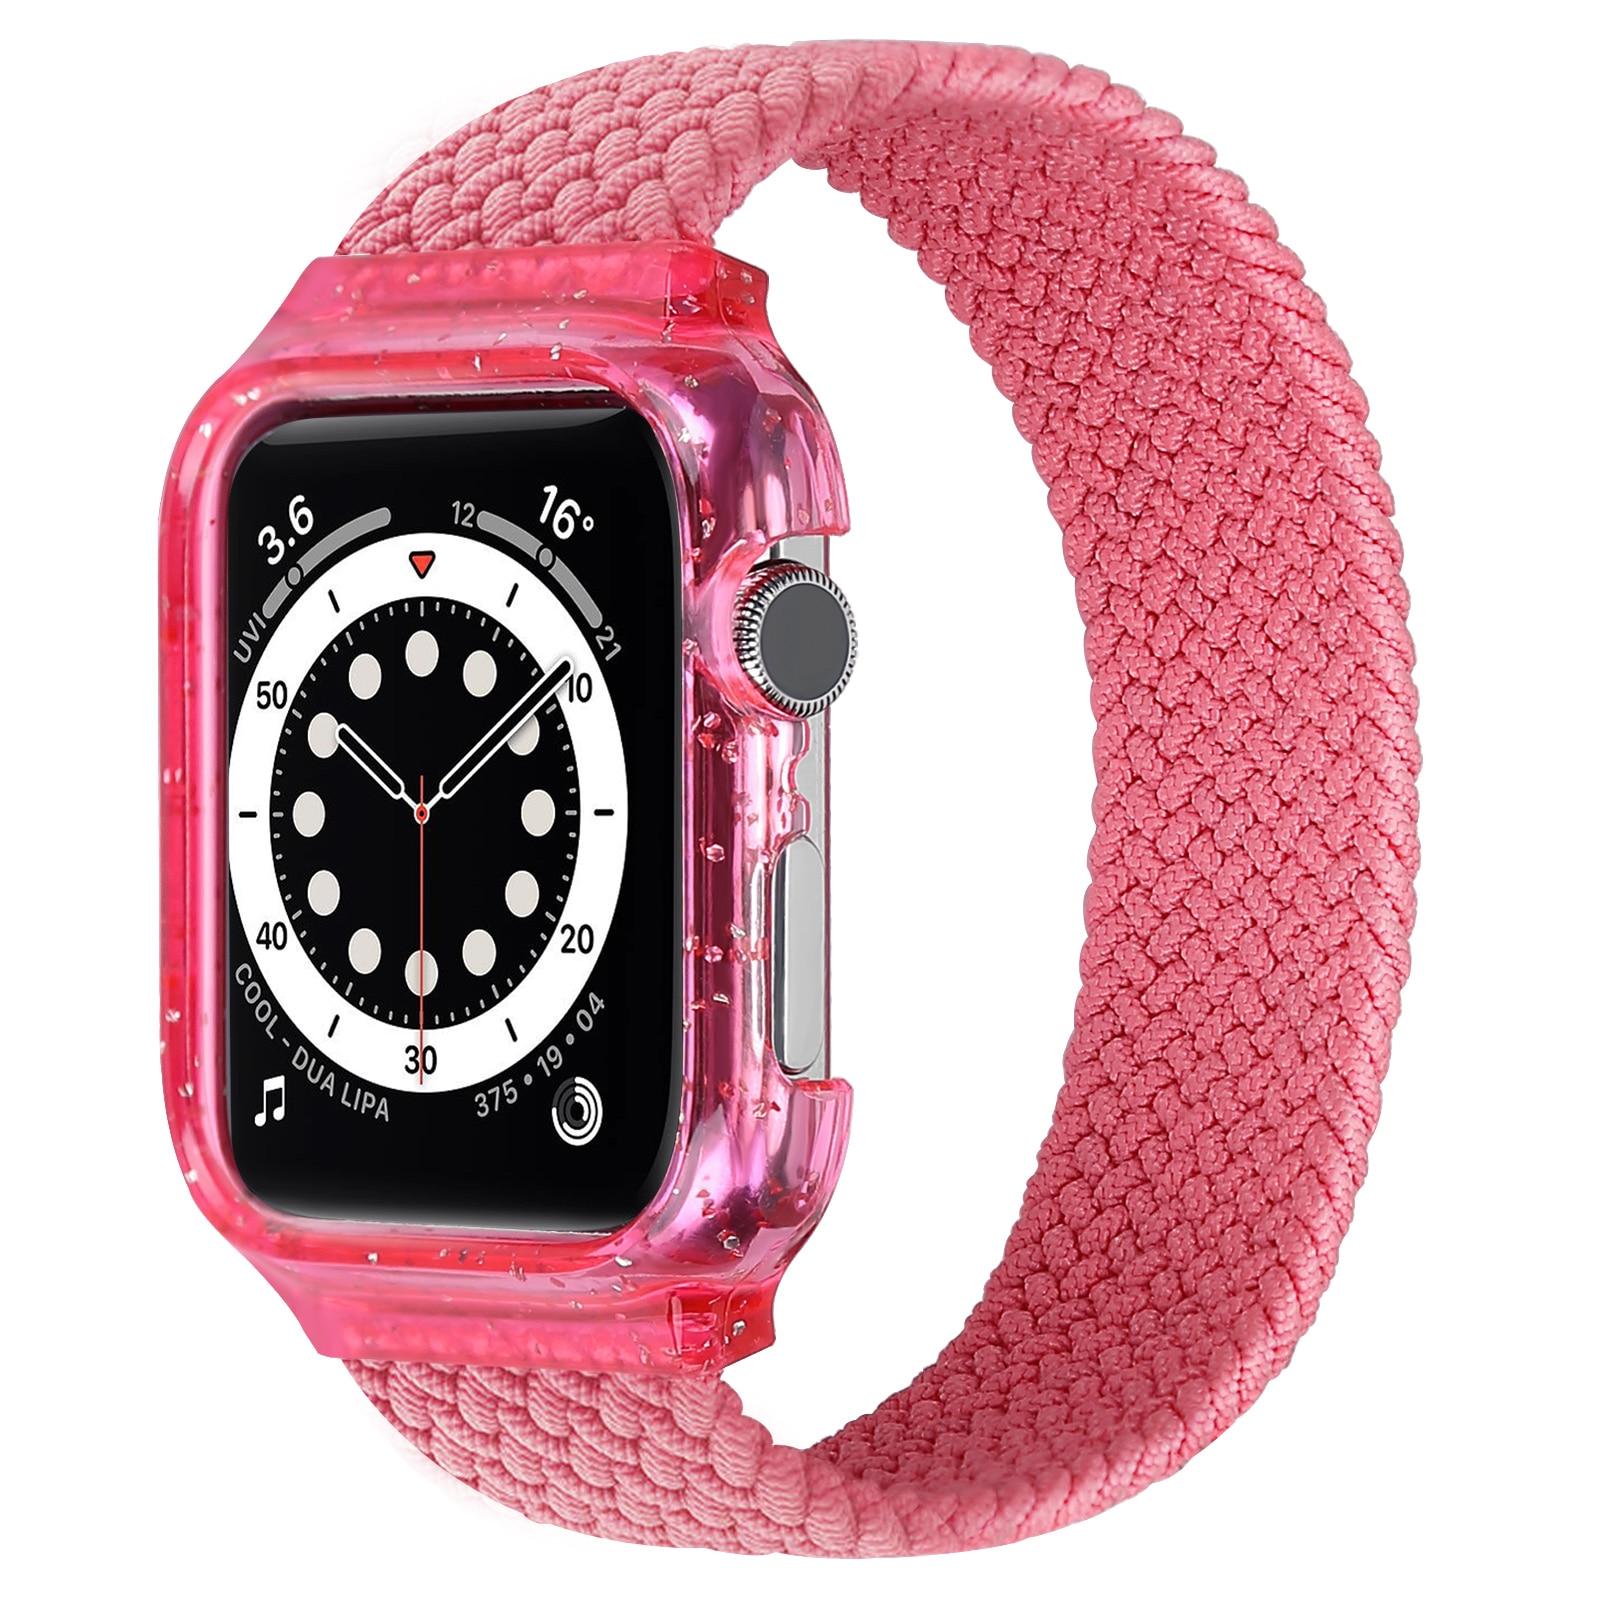 Iwatch caso integrado único laço trançado pulseira elástica laço de náilon para applewatch cinta série 6/se/5/4 40/44mm